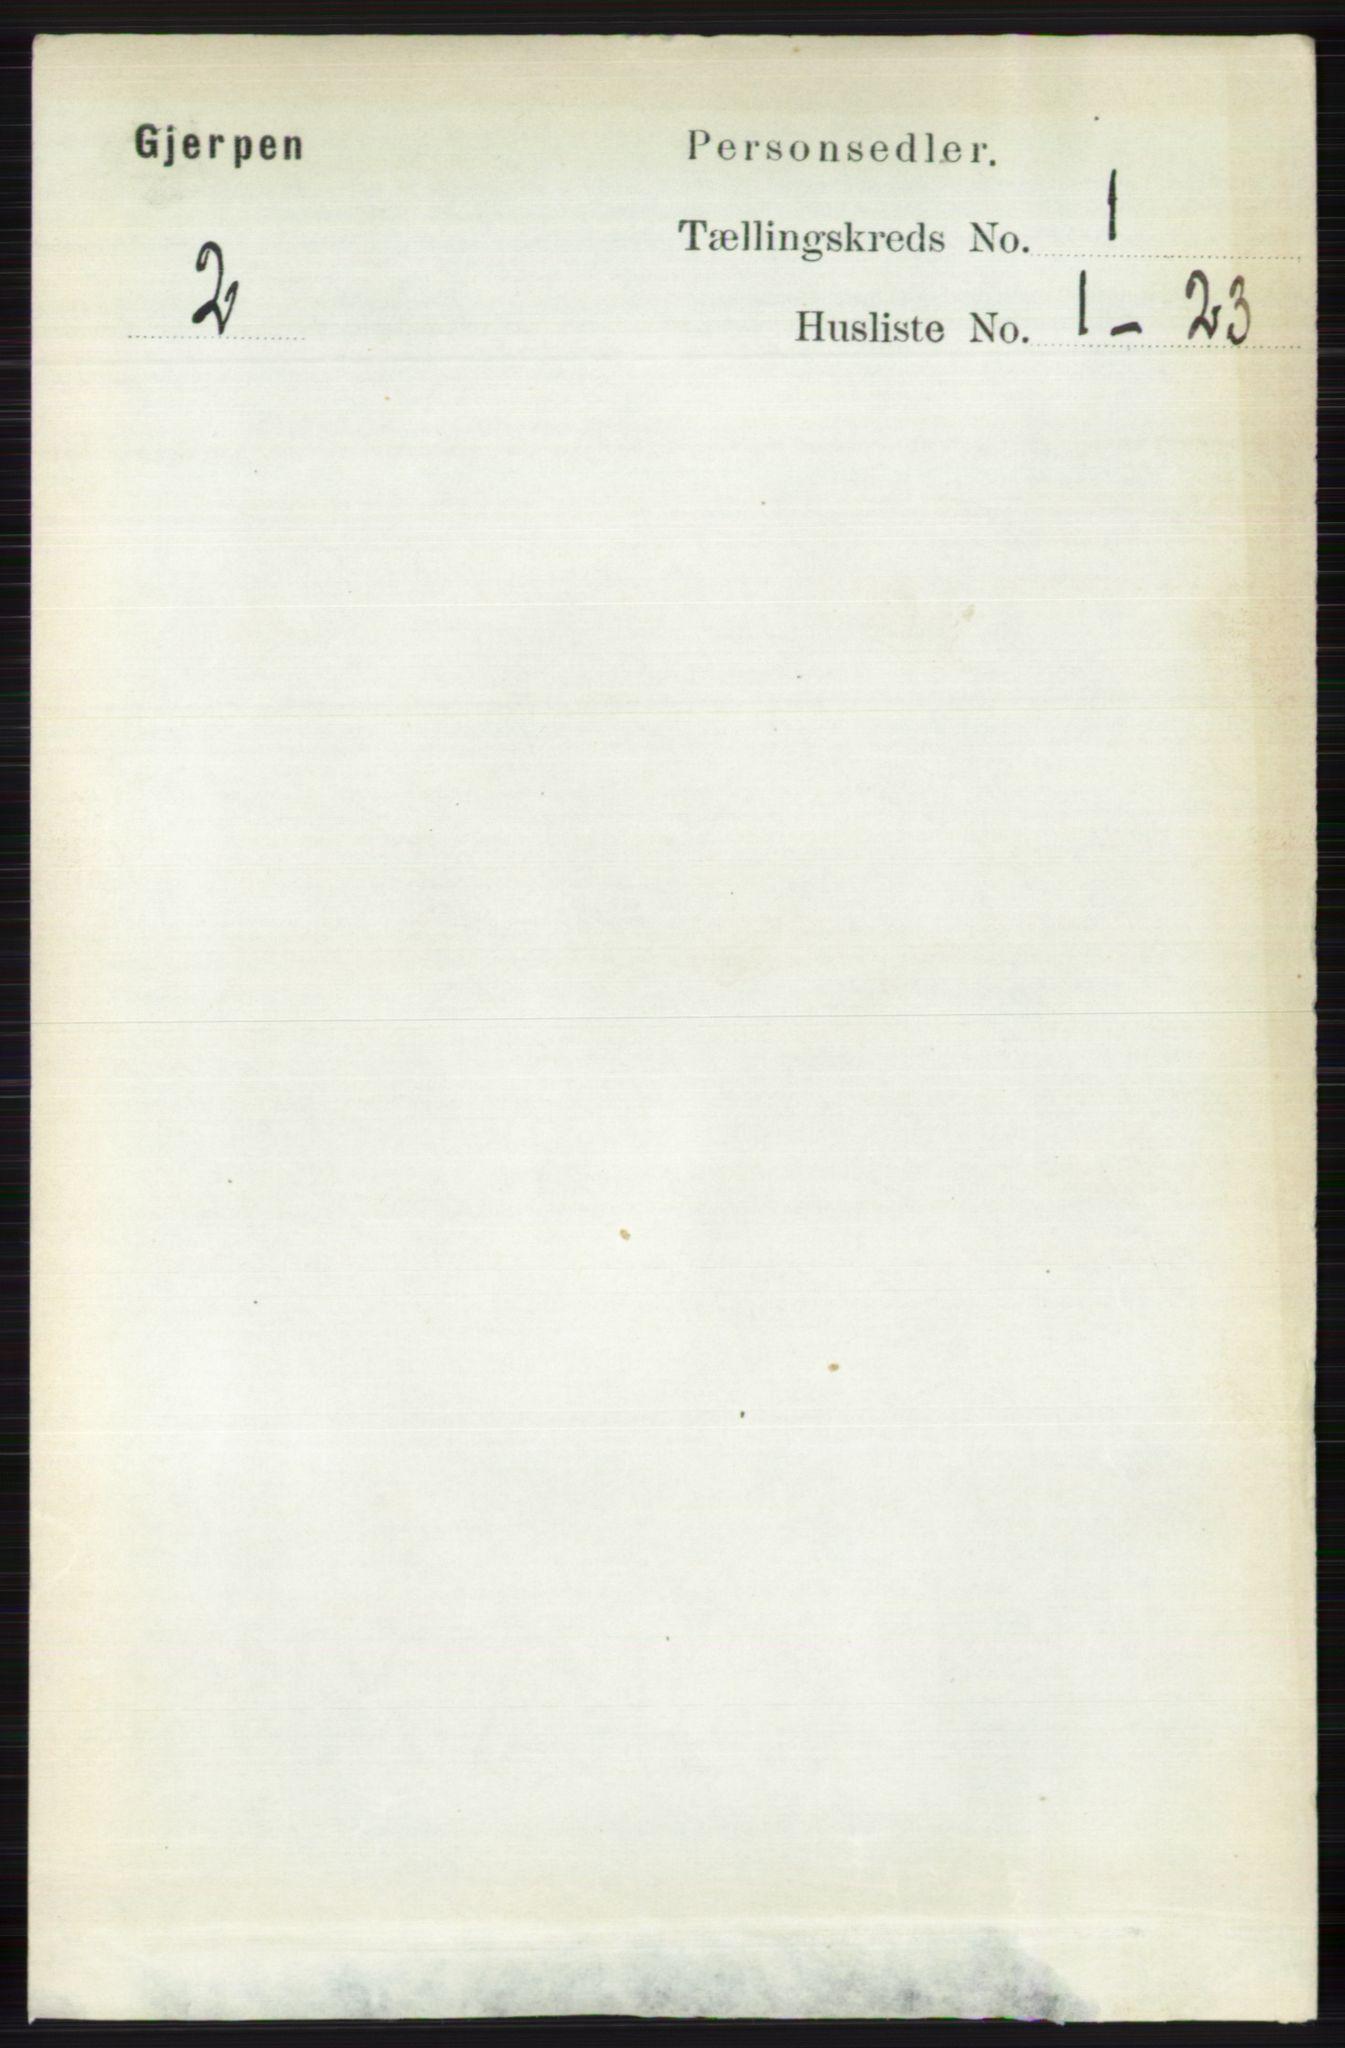 RA, Folketelling 1891 for 0812 Gjerpen herred, 1891, s. 105